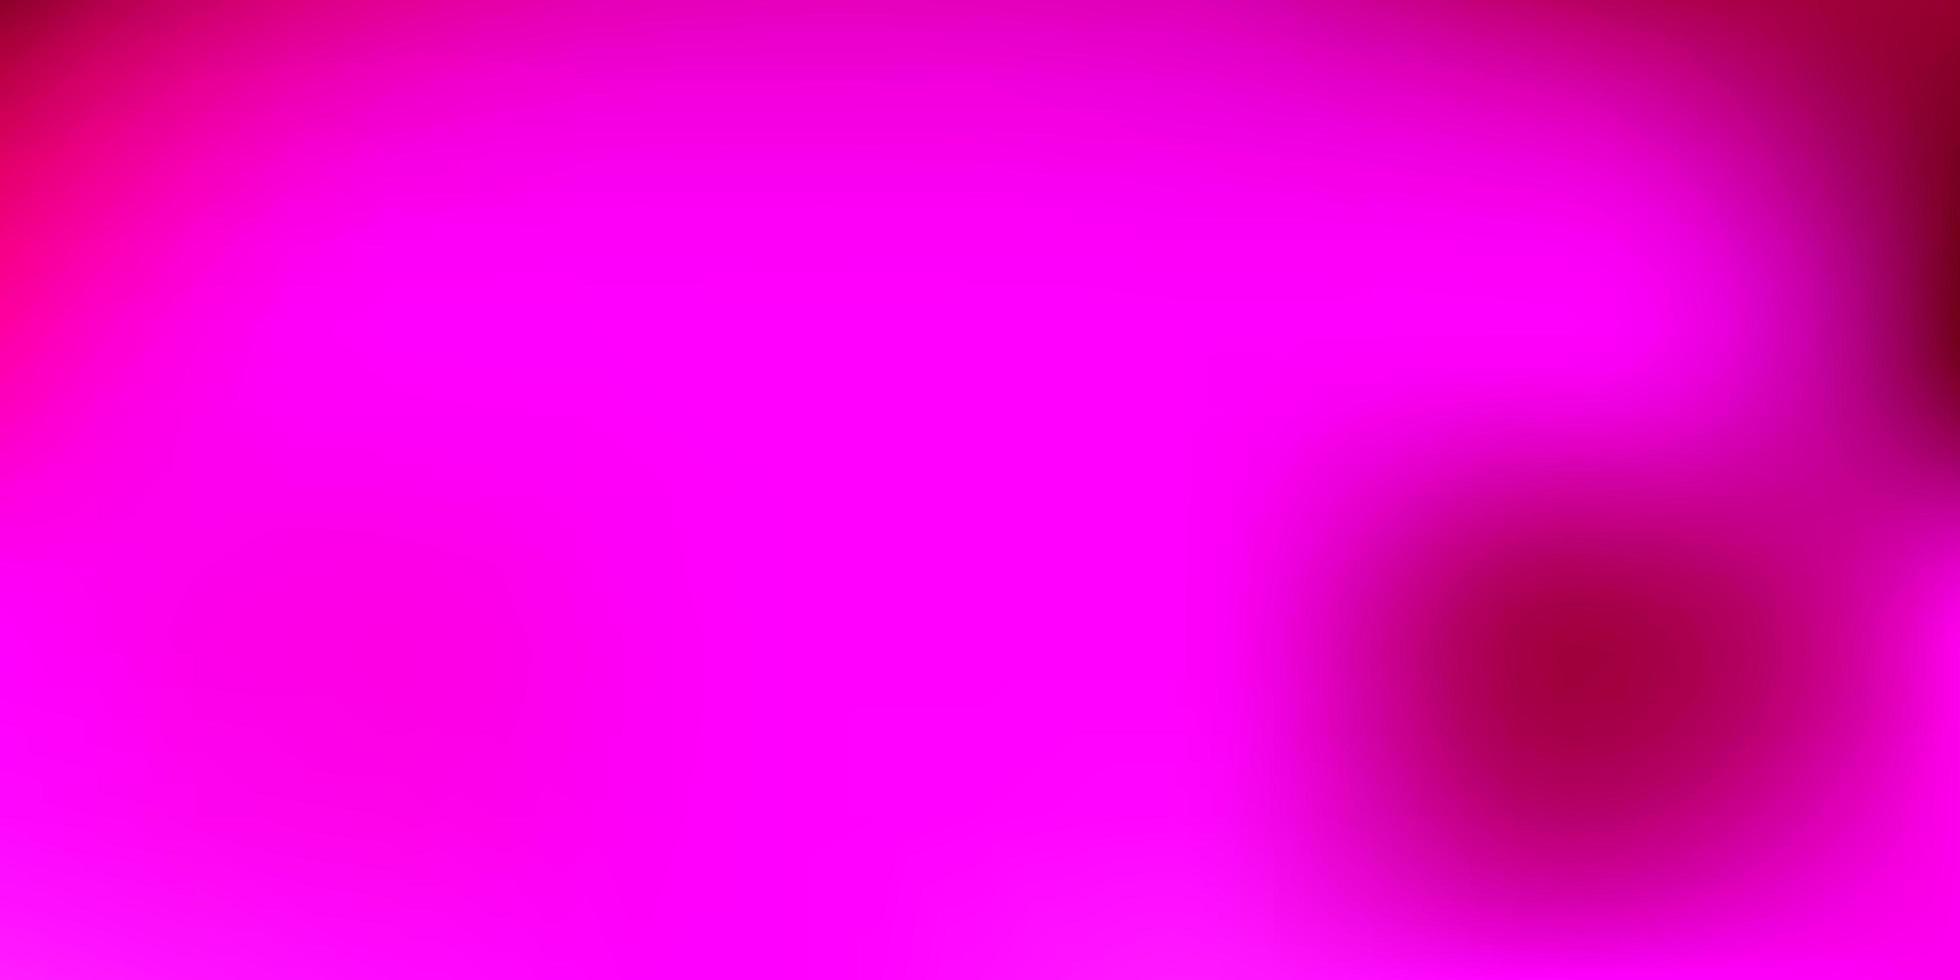 fundo do borrão do vetor rosa claro.